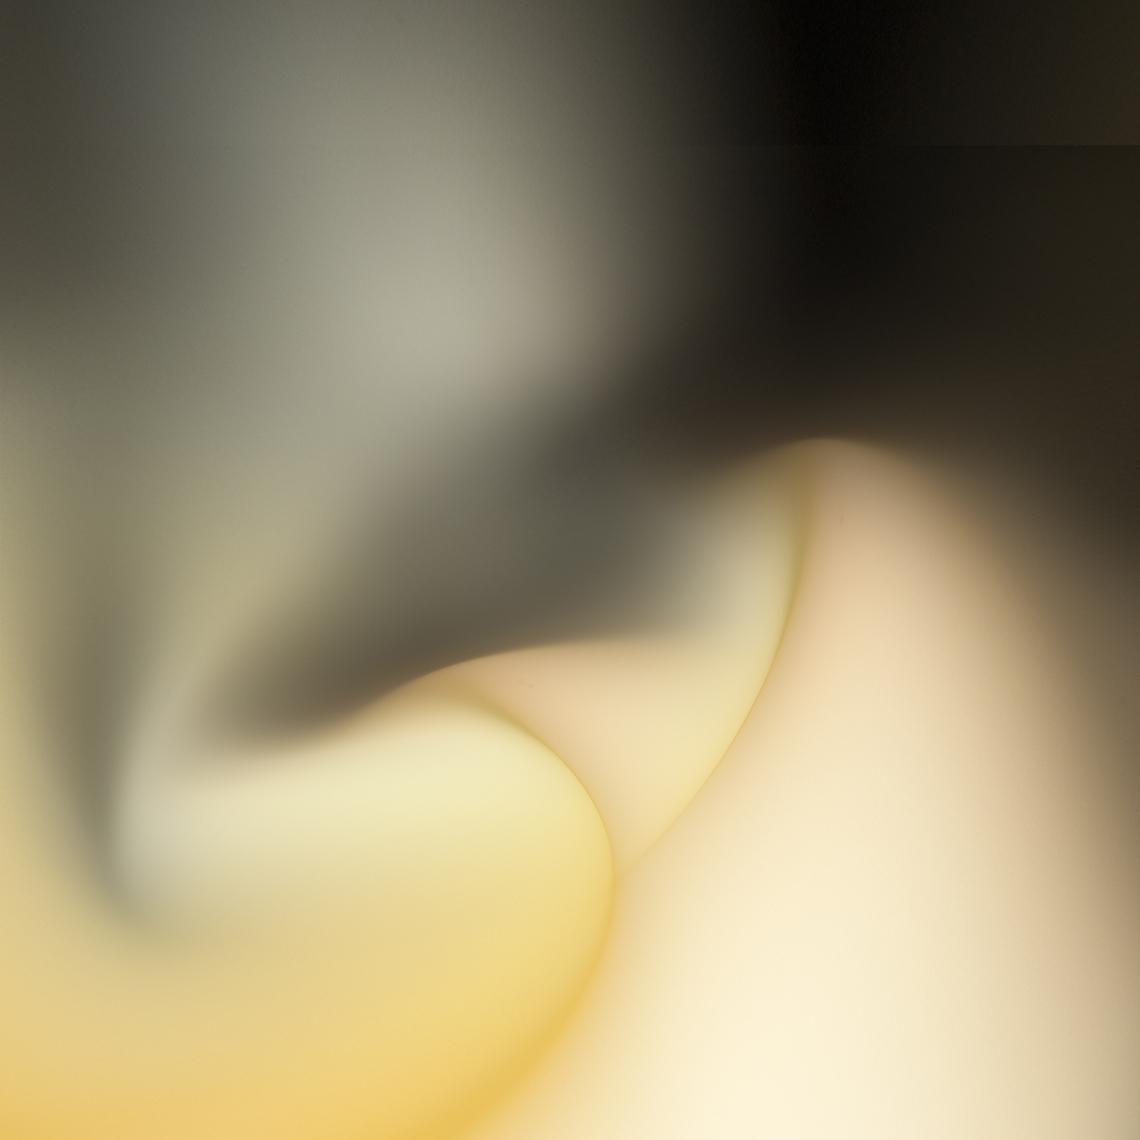 06-Horizons-5.jpg